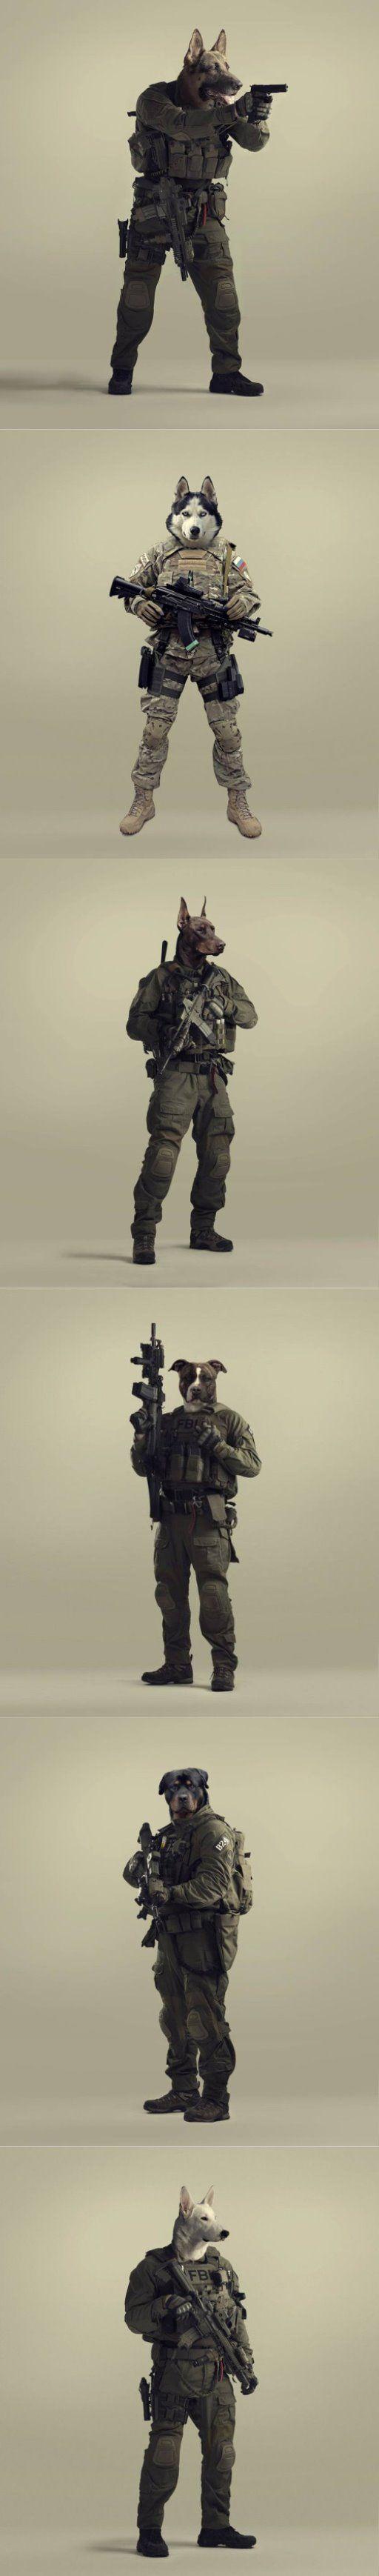 war dogs tactical loadout aegisgears airsoft pinterest war